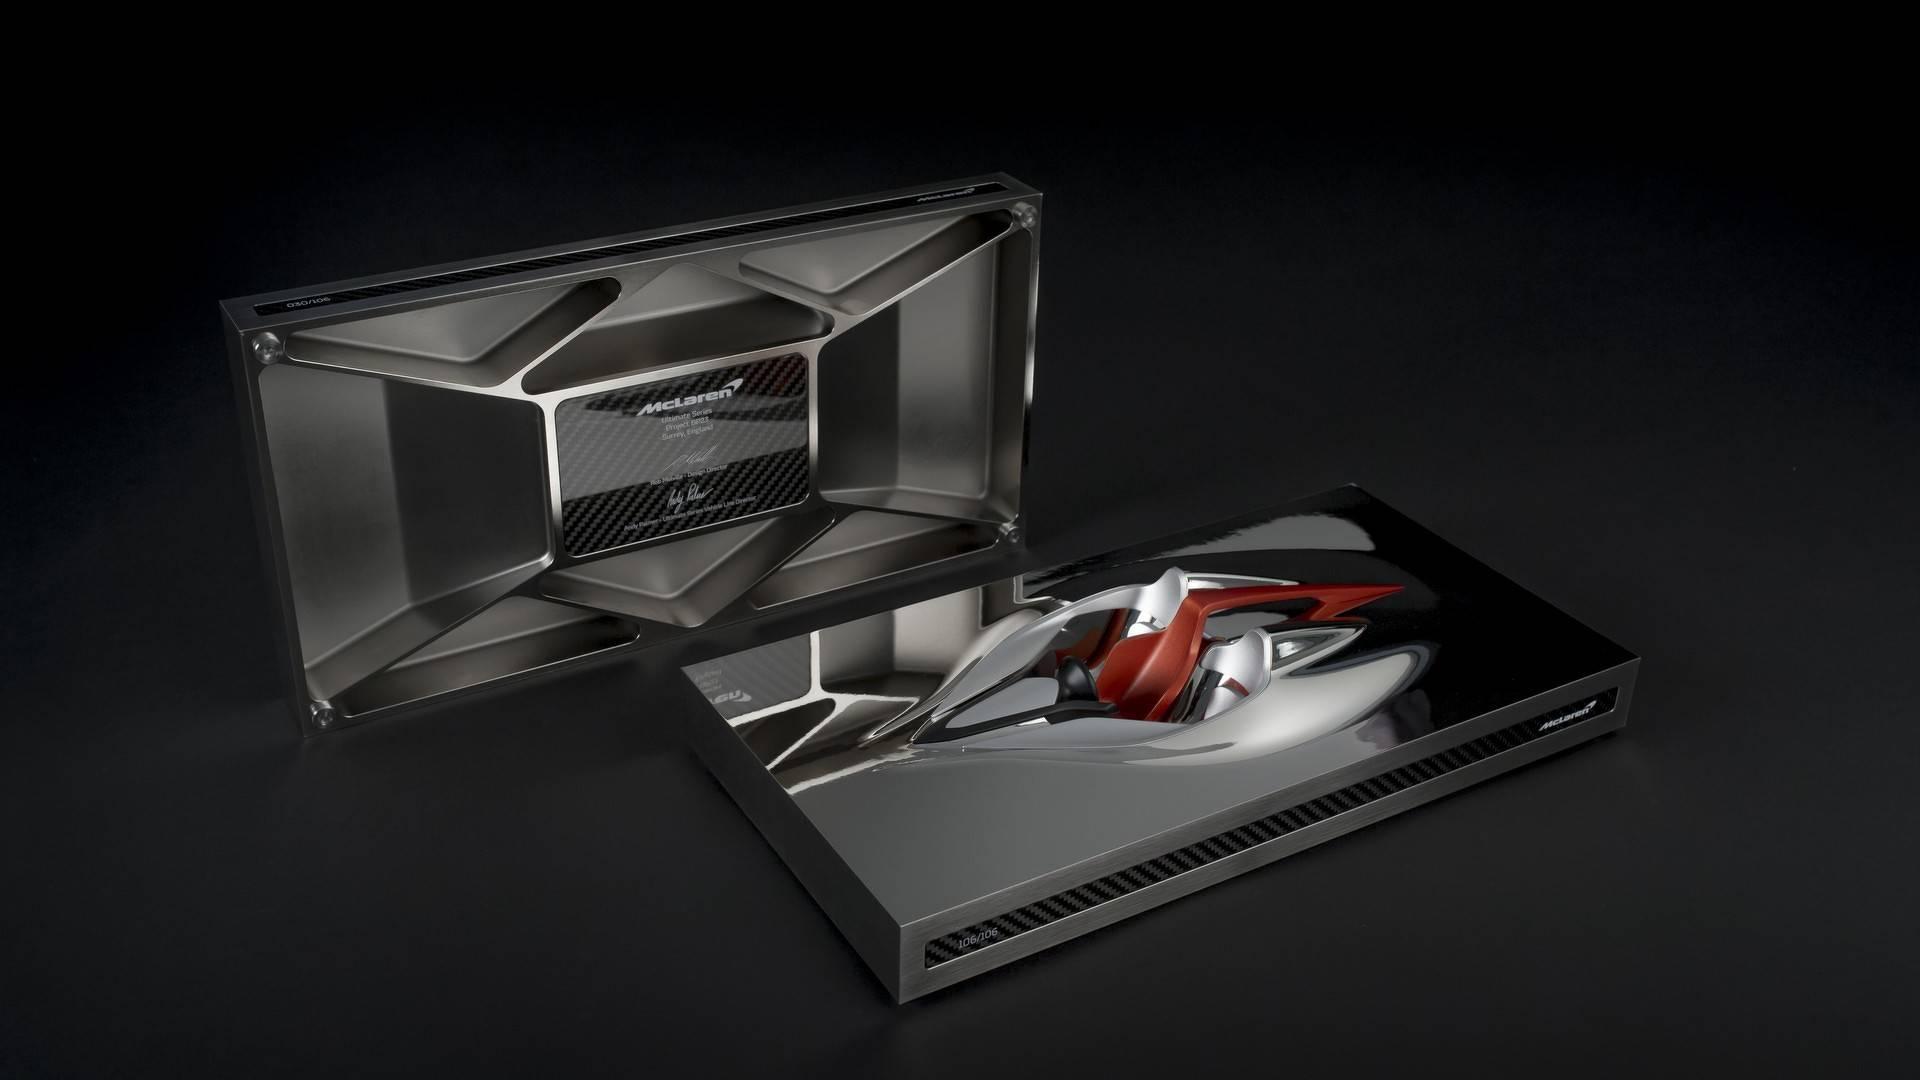 Обладатели быстрейшего гиперкара McLaren получат ценный подарок 2